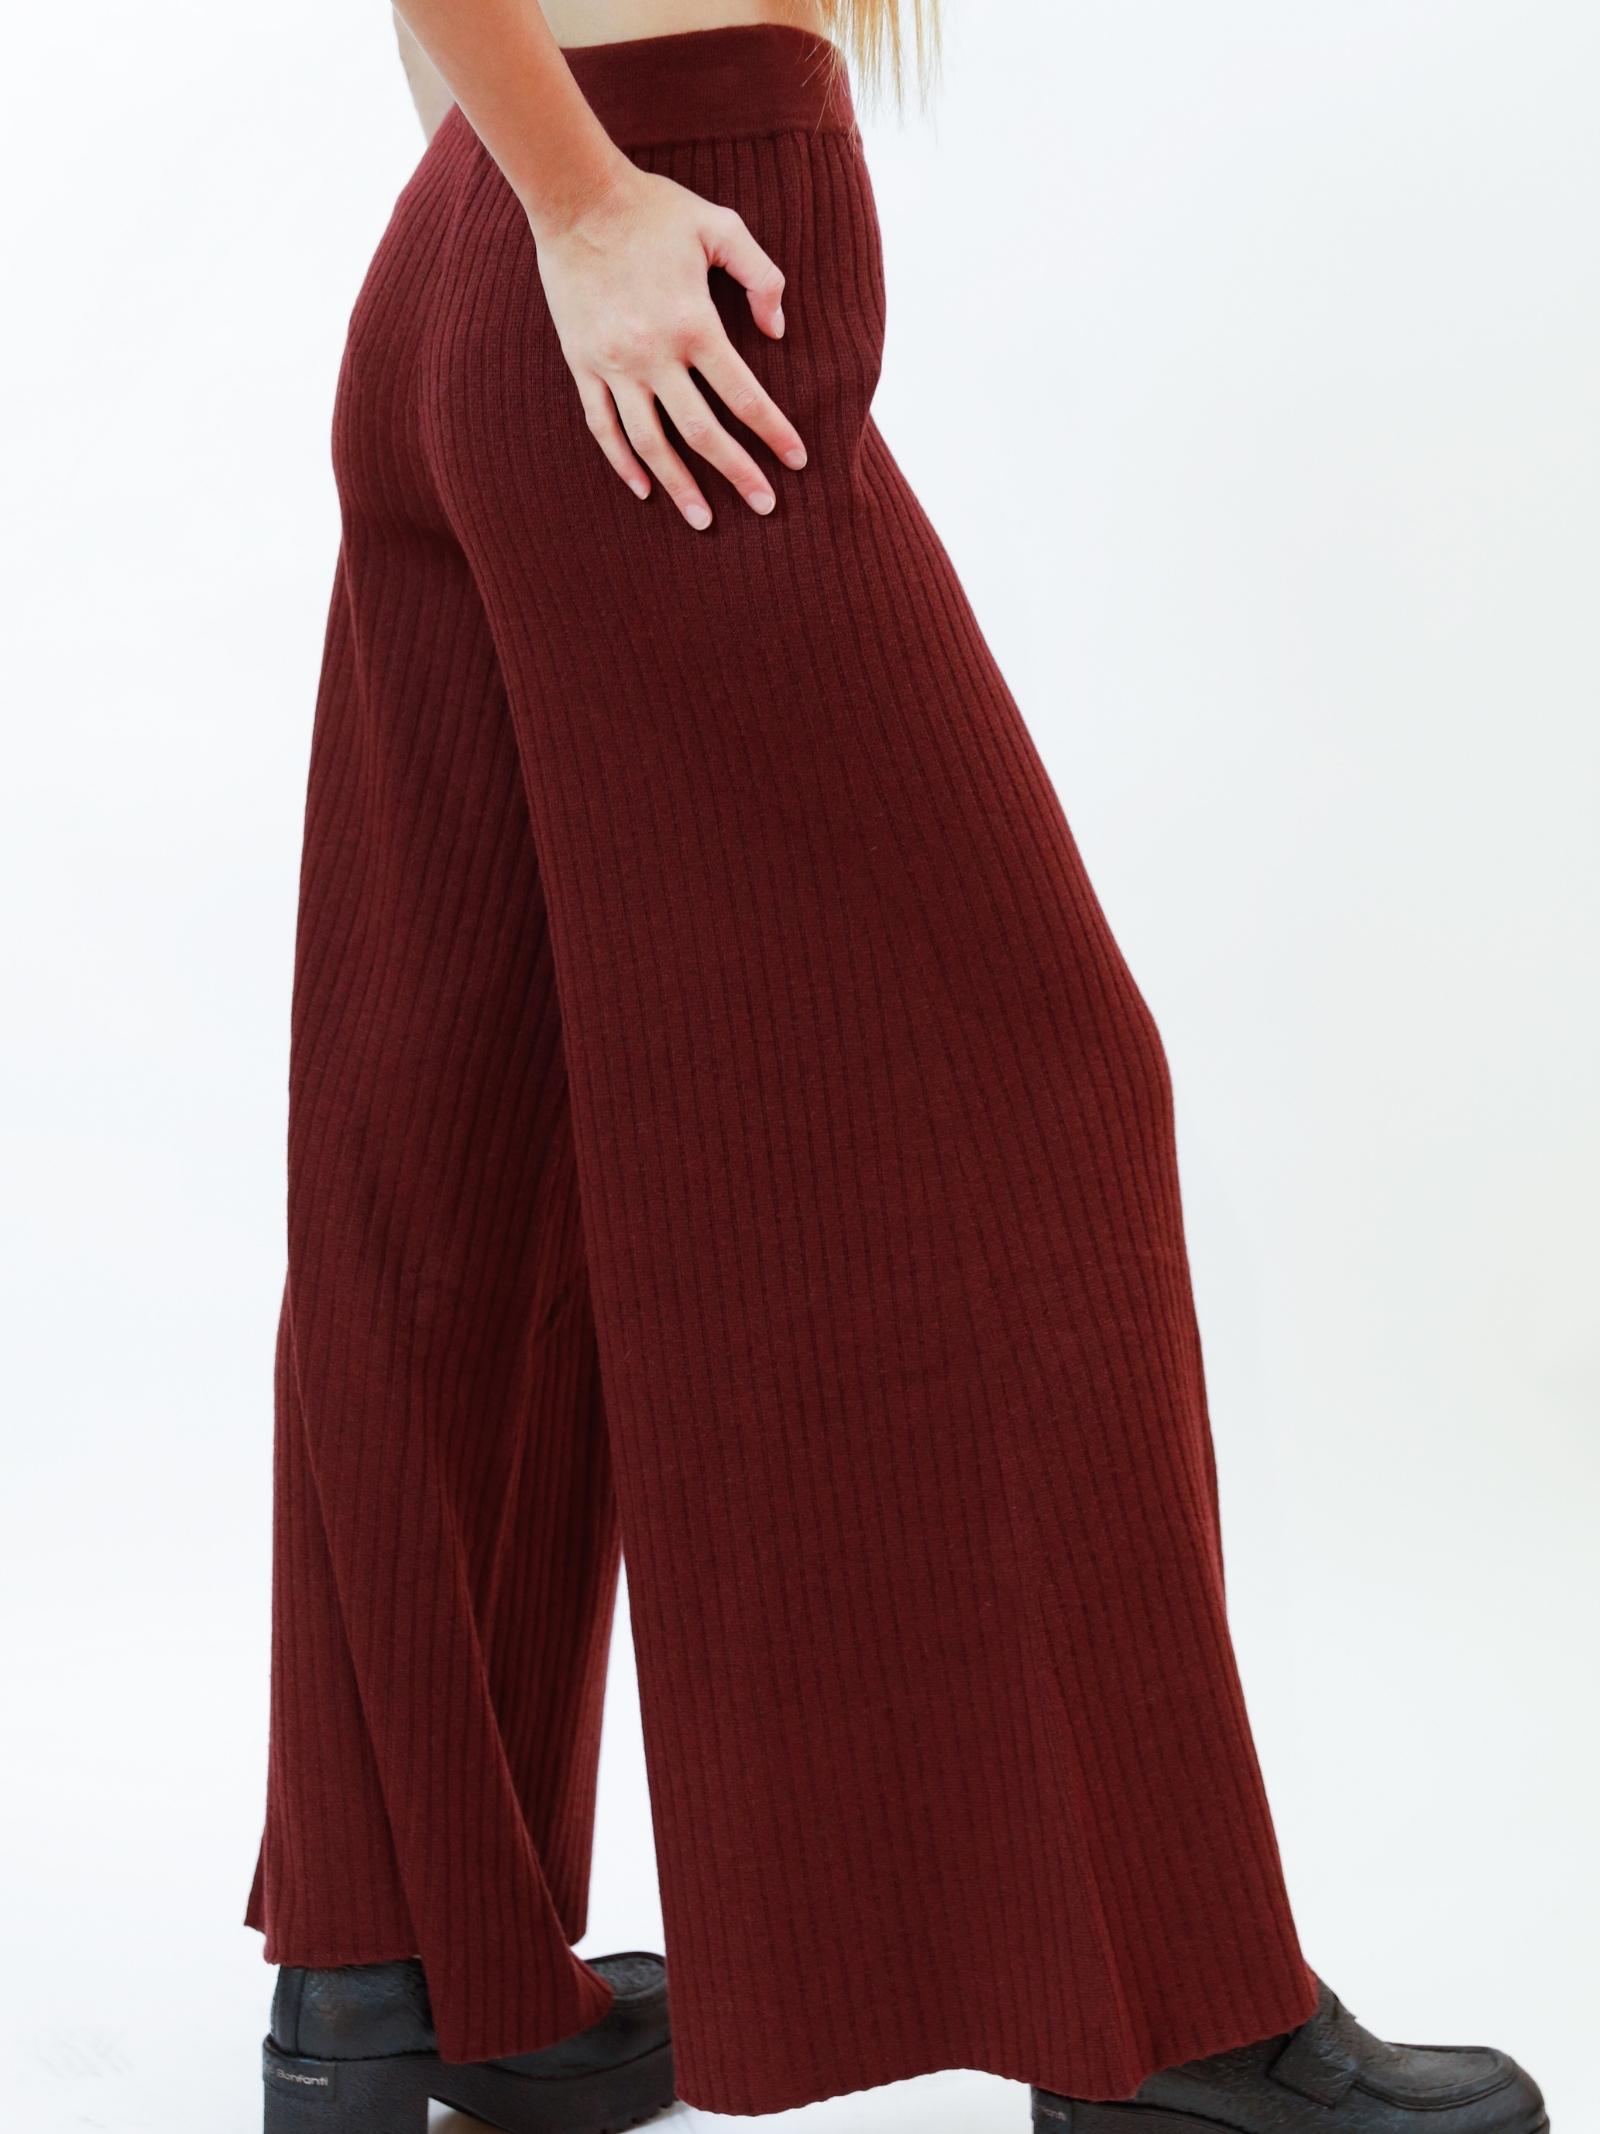 Abbiggliamento Donna Pantaloni Re-volution in Misto Lana Bordeaux con Elastico in Vita Maliparmi | Gonne e Pantaloni | JH74707051833010